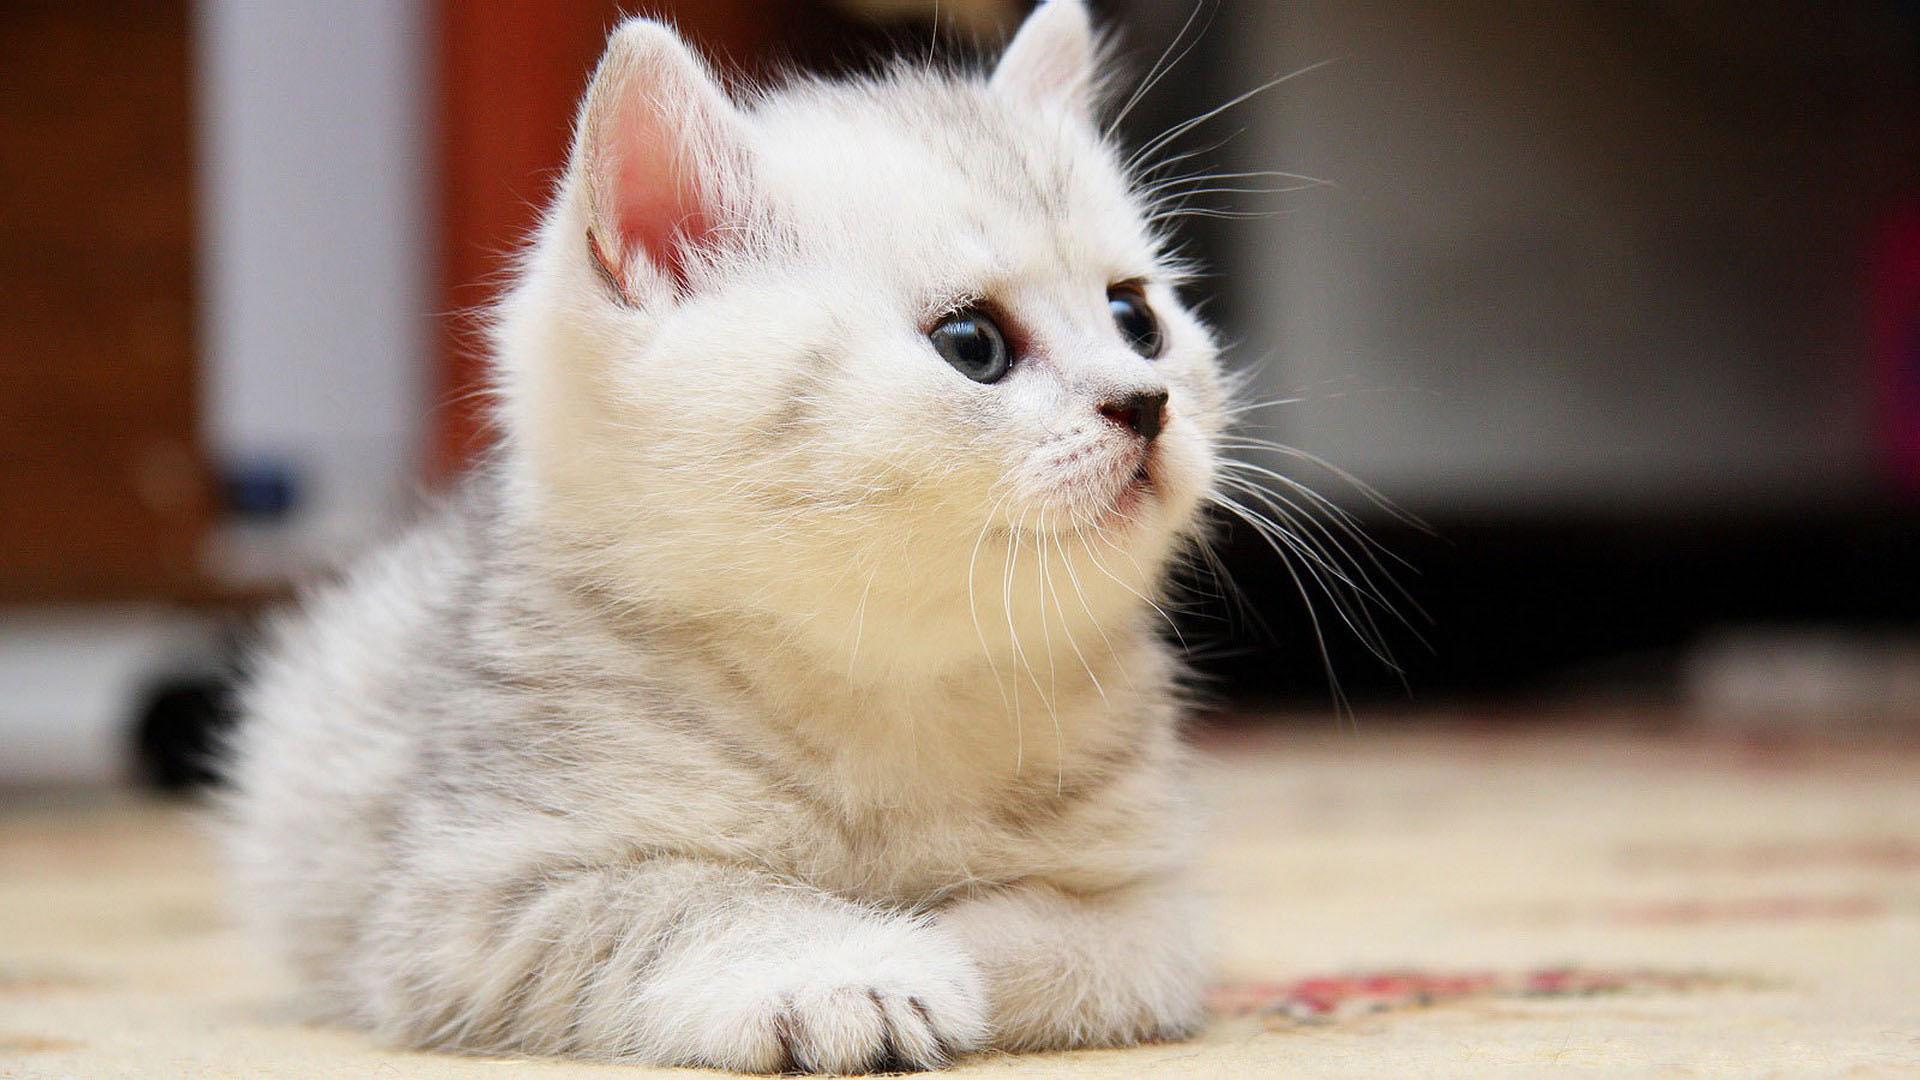 بالصور اجمل صور قطط , صور قطط كيوت 3764 7